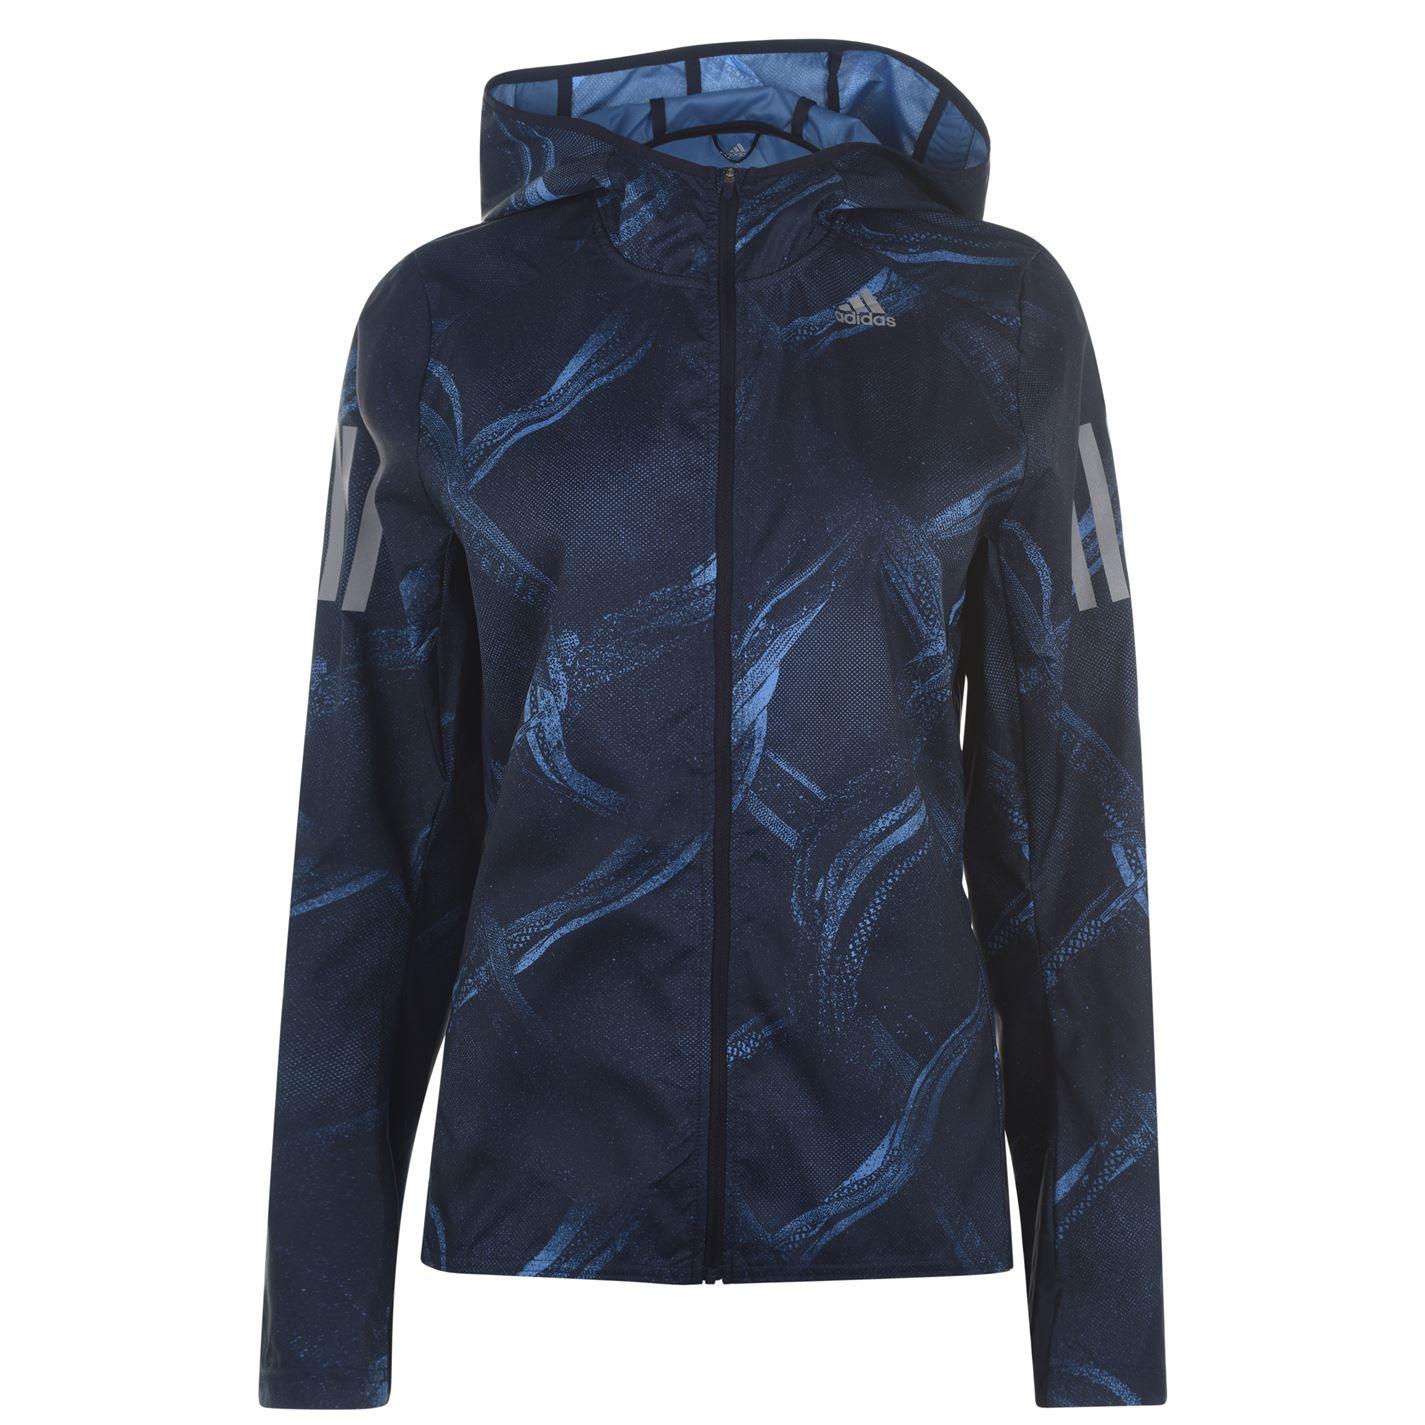 Adidas OTR Jacket Ladies